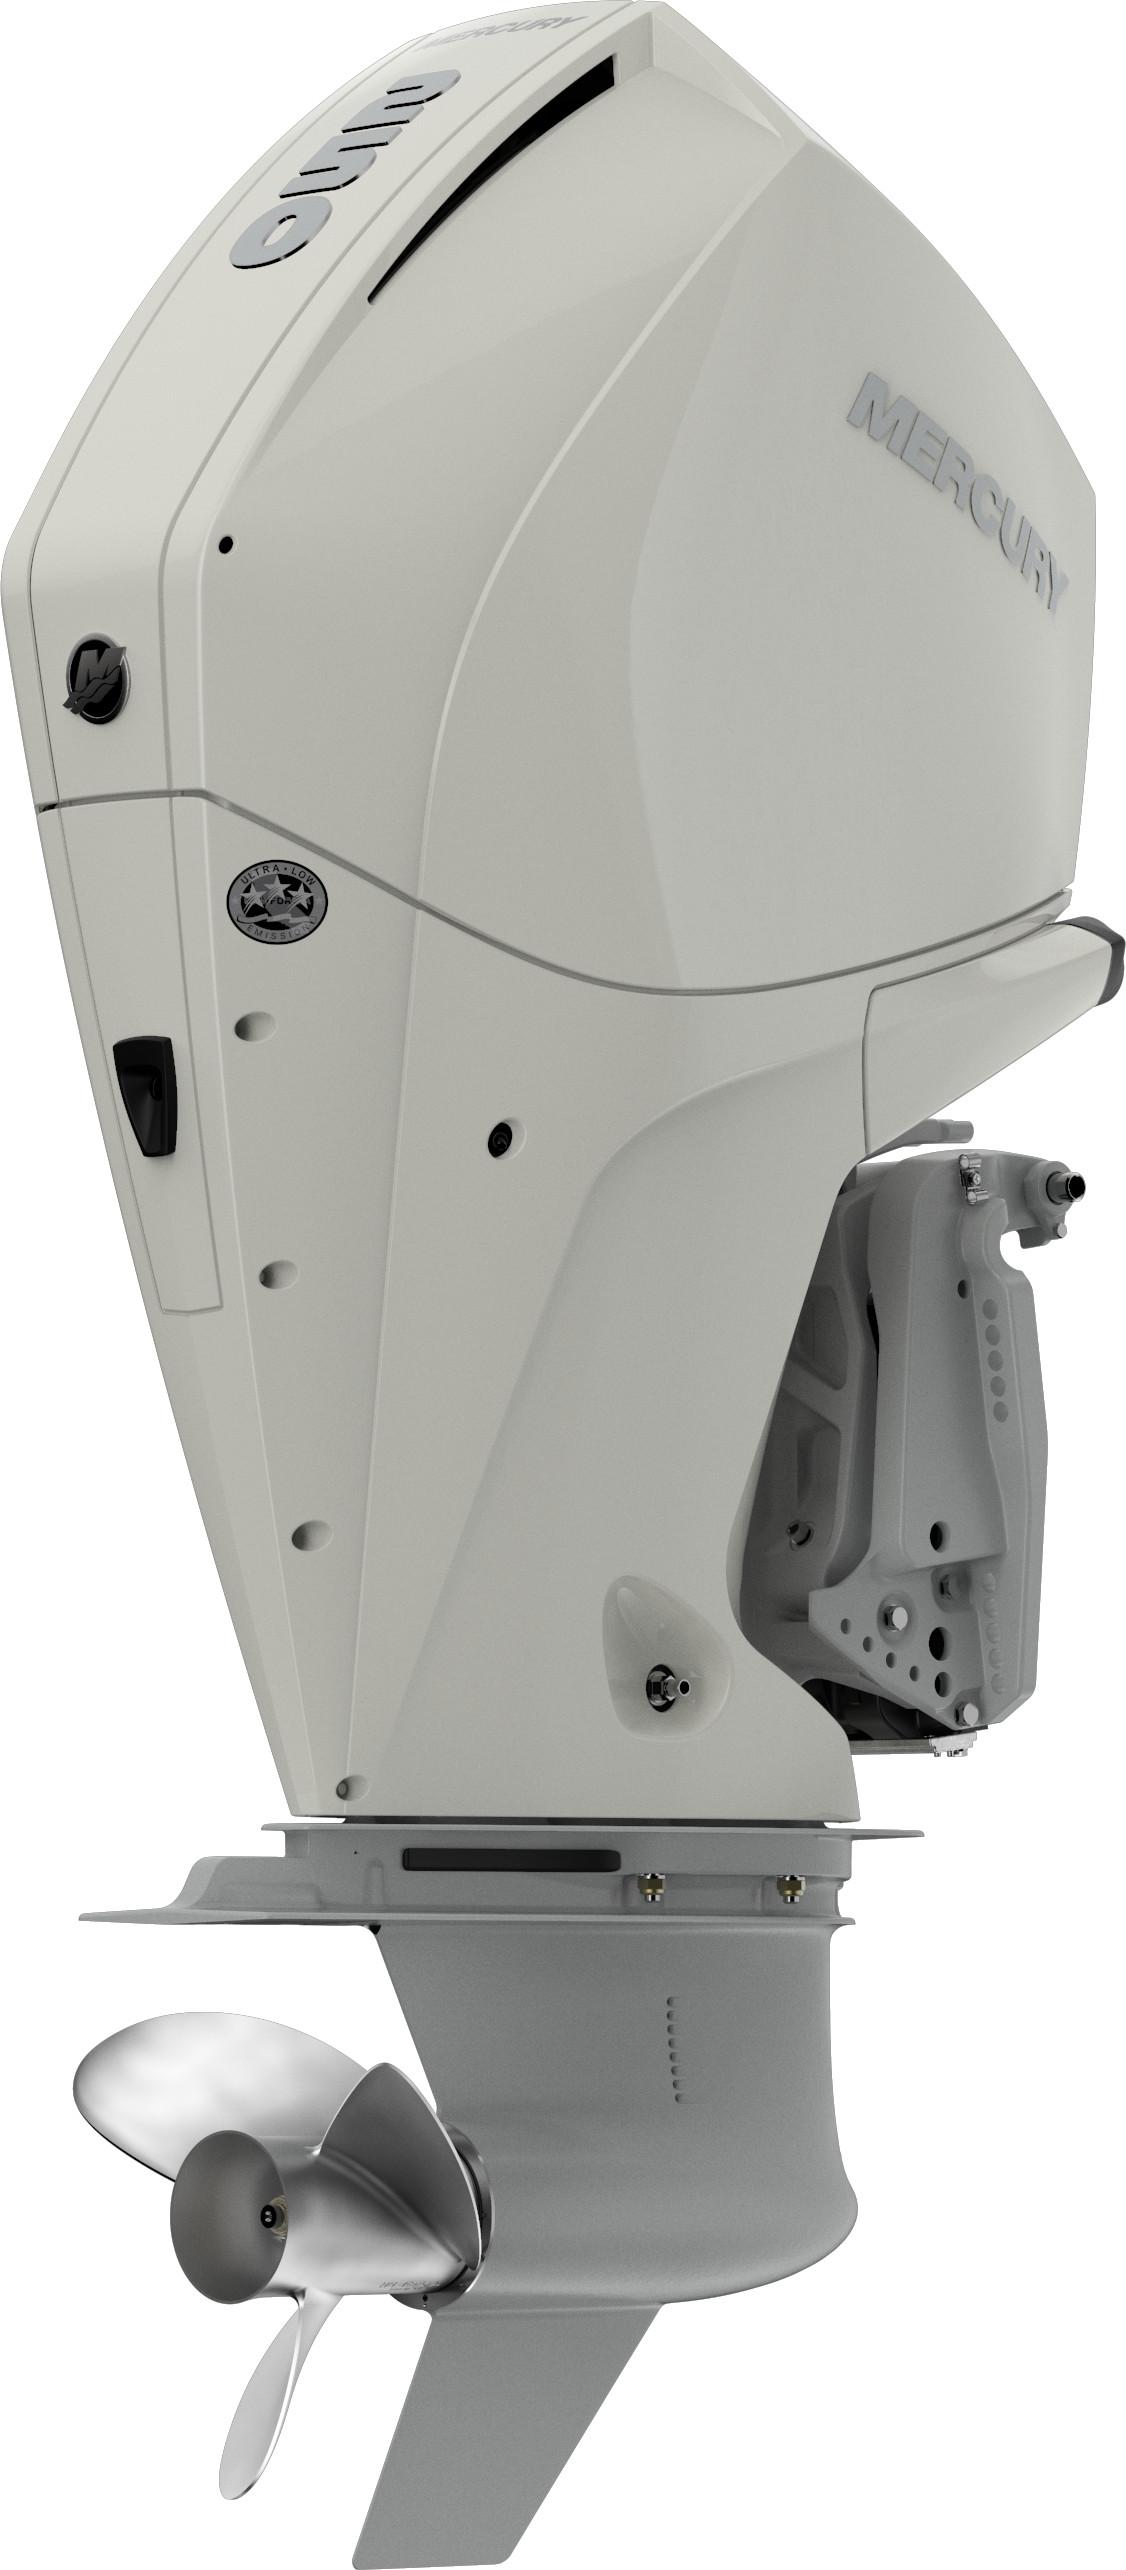 Mercury V8 Verado Fourstroke Pro XS (6) - Boatmag International